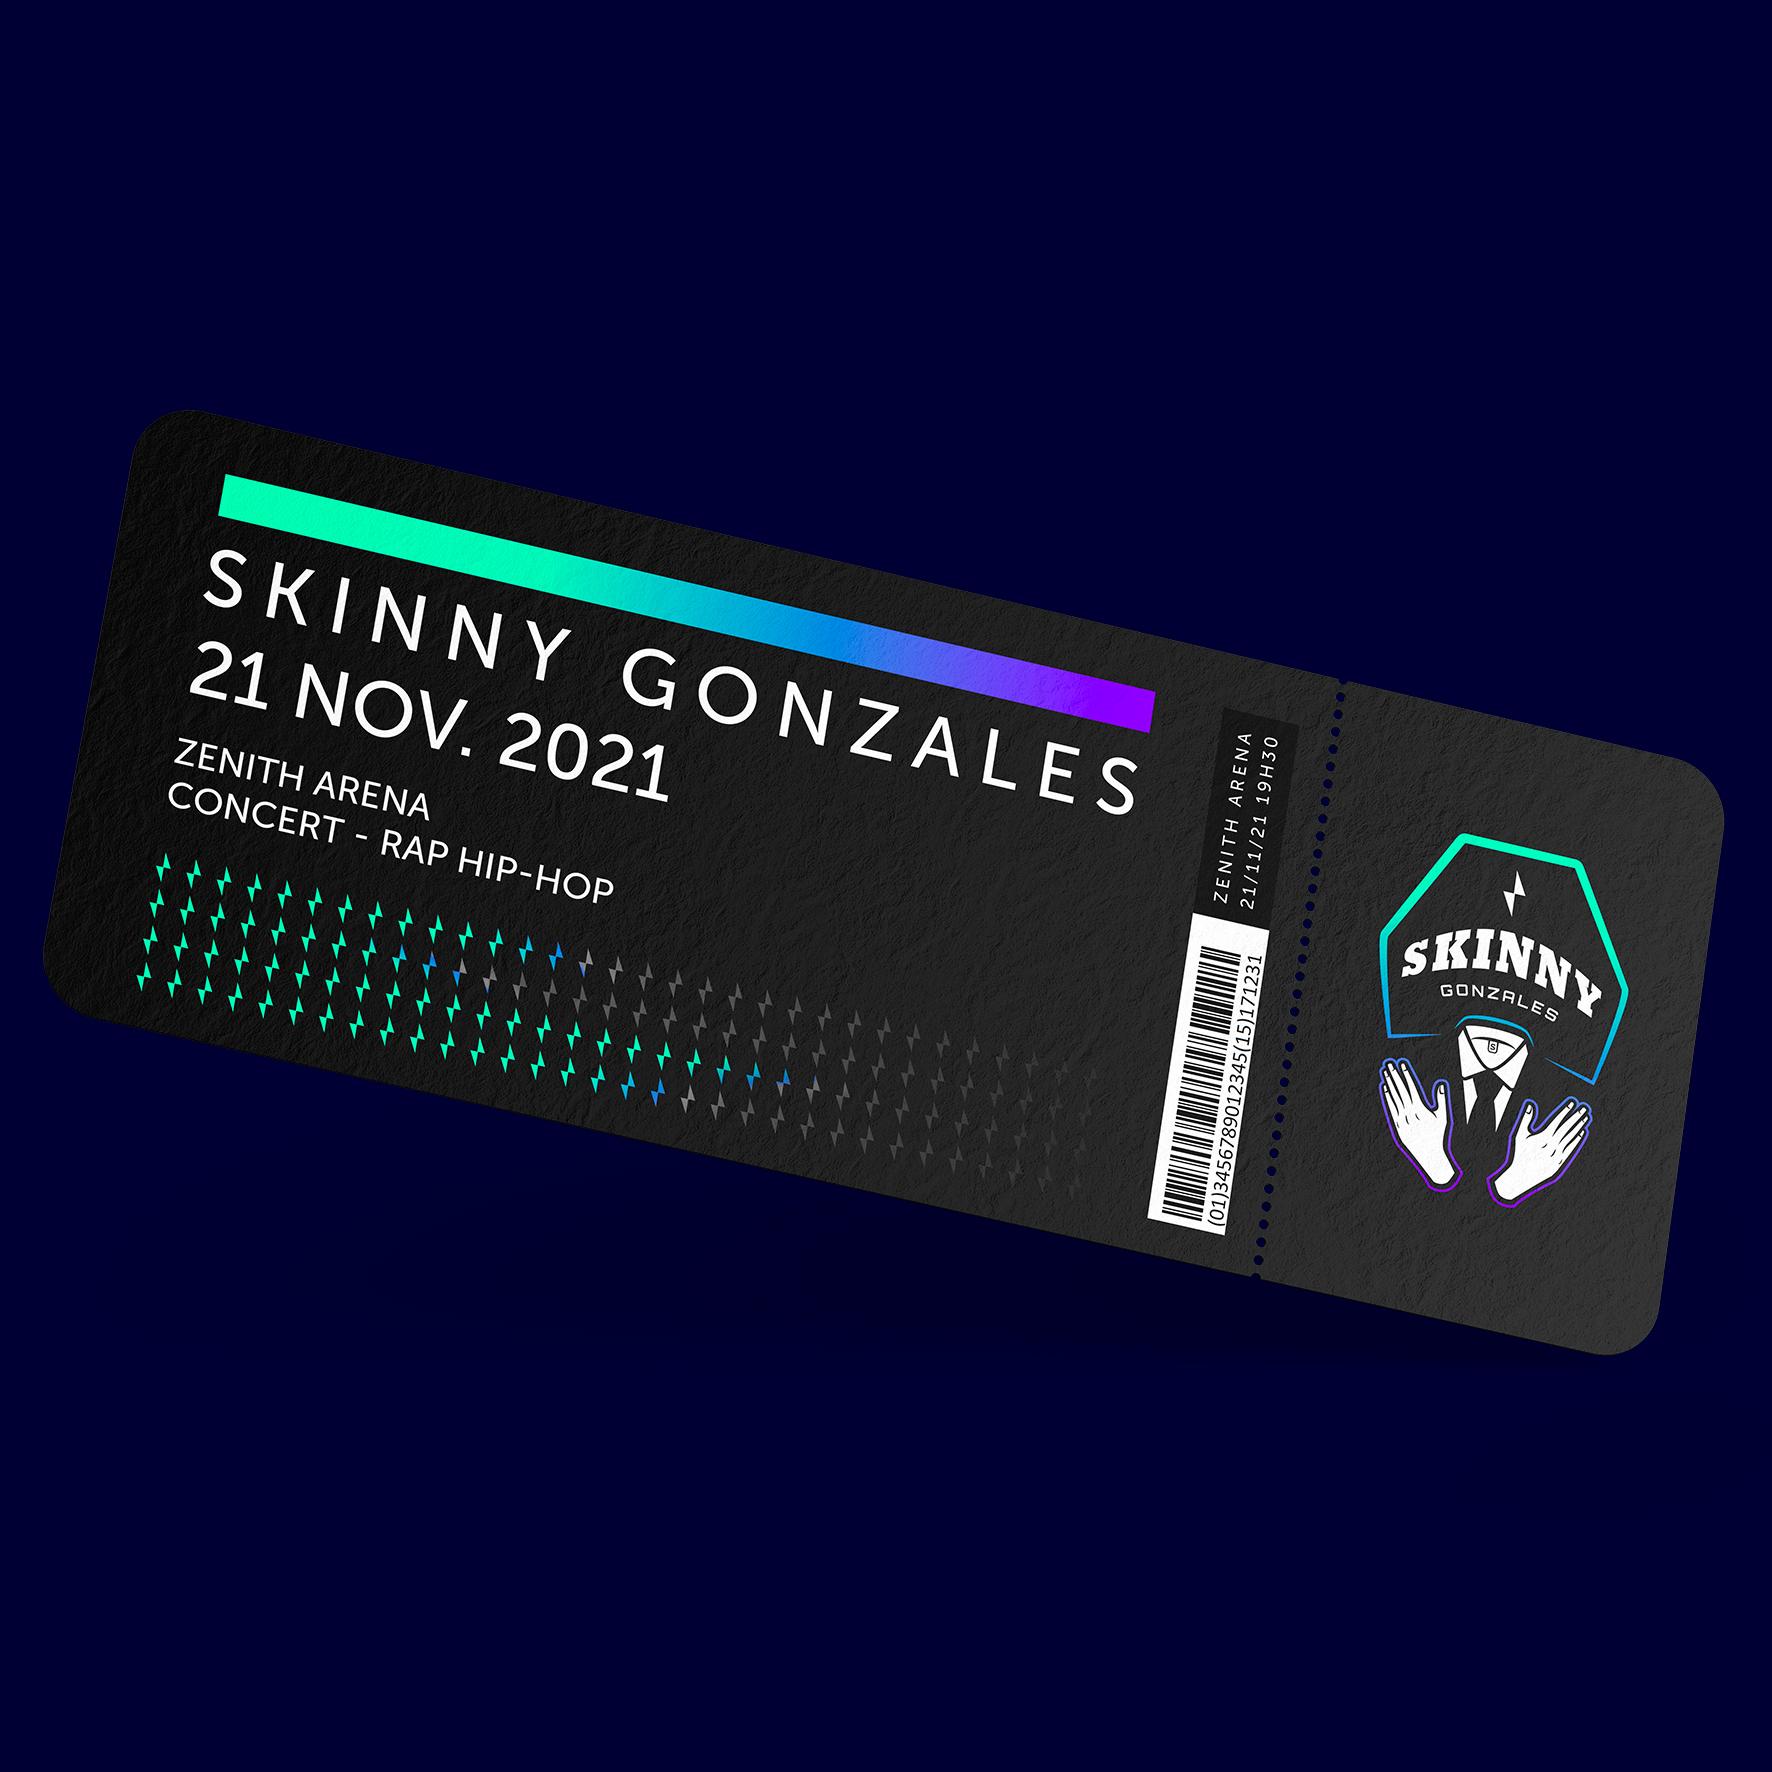 skinny-gonzales-concert-ticket-mockup